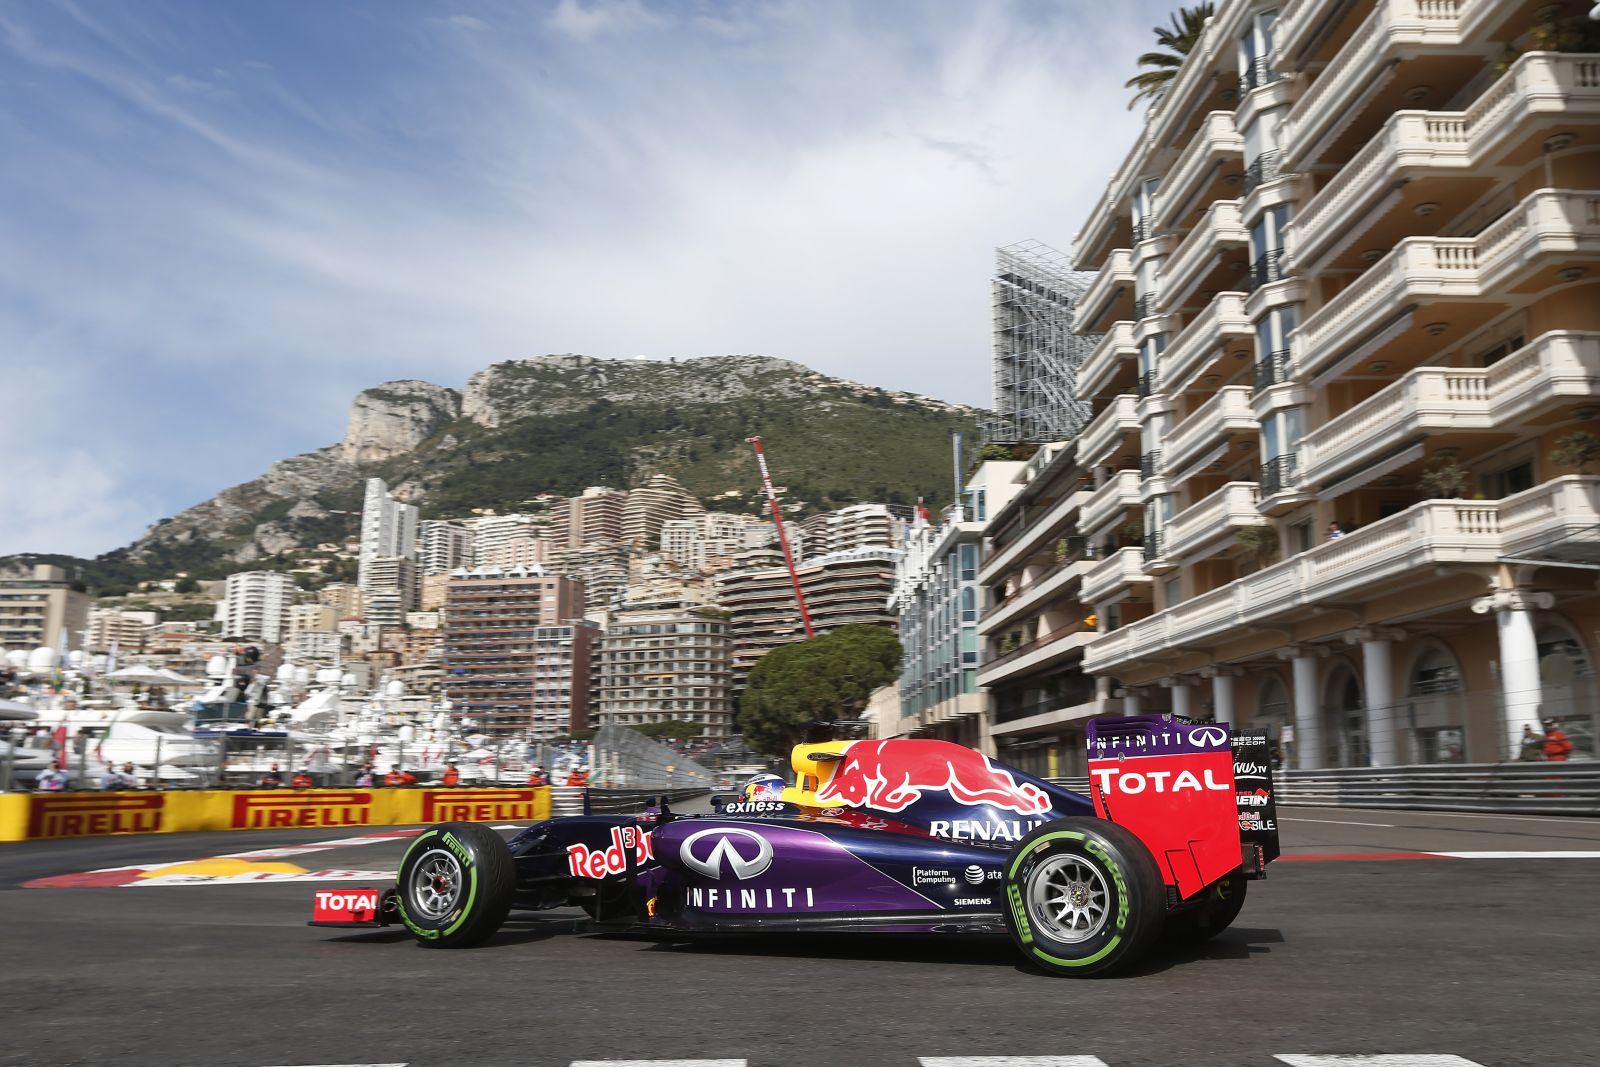 Jövőre nem lesz Formula E Monacóban, de az F1 jövője biztosított a hercegségben